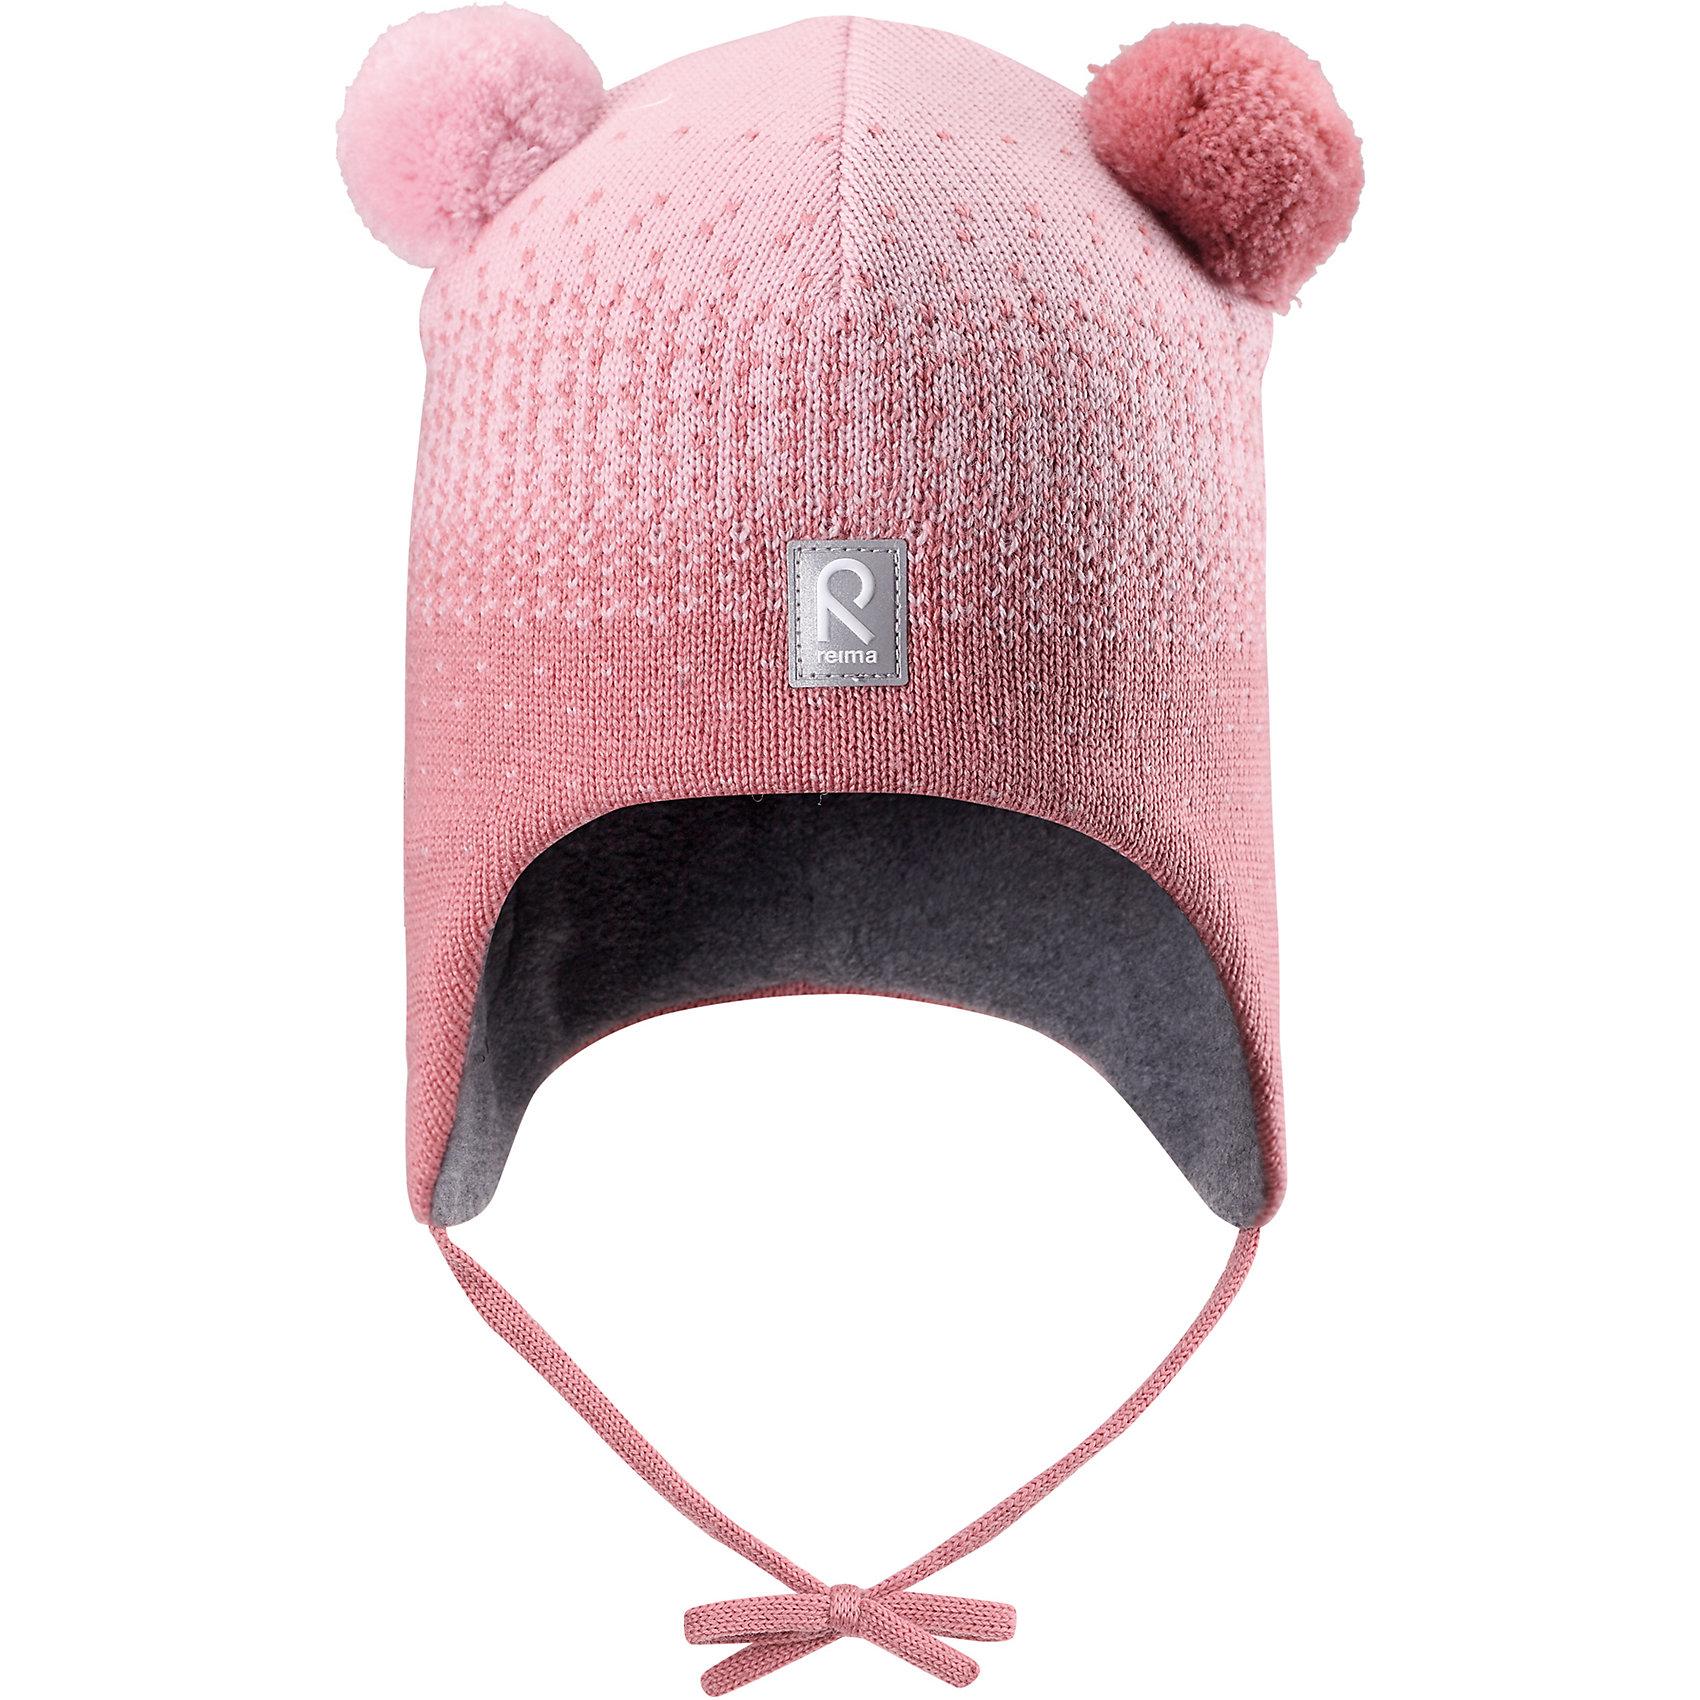 Шапка Reima SammalШапочки<br>Характеристики товара:<br><br>• цвет: розовый;<br>• состав: 100% шерсть;<br>• подкладка: 97% хлопок, 3% эластан;<br>• температурный режим: от 0 до -20С;<br>• сезон: зима; <br>• особенности модели: вязаная, шерстяная;<br>• мягкая ткань из мериносовой шерсти для поддержания идеальной температуры;<br>• ветронепроницаемые вставки в области ушей;<br>• сплошная подкладка: гладкий хлопковый трикотаж;<br>• шапка на завязках, сверху два милых помпона;<br>• логотип Reima спереди;<br>• страна бренда: Финляндия;<br>• страна изготовитель: Китай.<br><br>Шерстяная шапка для малышей в восхитительных расцветках надежно согреет в холодный зимний день! Эта шапка для малышей из мериносовой шерсти подарит уют в морозную погоду: мягкая хлопковая подкладка обеспечит ребенку тепло и комфорт. За счет эластичной вязки шапка отлично сидит, а ветронепроницаемые вставки в области ушей защищают ушки от холодного ветра. Благодаря завязкам, эта стильная шапка не съезжает и хорошо защищает голову. Симпатичные помпоны на макушке довершает образ!<br><br>Шапку Sammal Reima от финского бренда Reima (Рейма) можно купить в нашем интернет-магазине.<br><br>Ширина мм: 89<br>Глубина мм: 117<br>Высота мм: 44<br>Вес г: 155<br>Цвет: розовый<br>Возраст от месяцев: 60<br>Возраст до месяцев: 72<br>Пол: Унисекс<br>Возраст: Детский<br>Размер: 52,46,48,50<br>SKU: 6907096